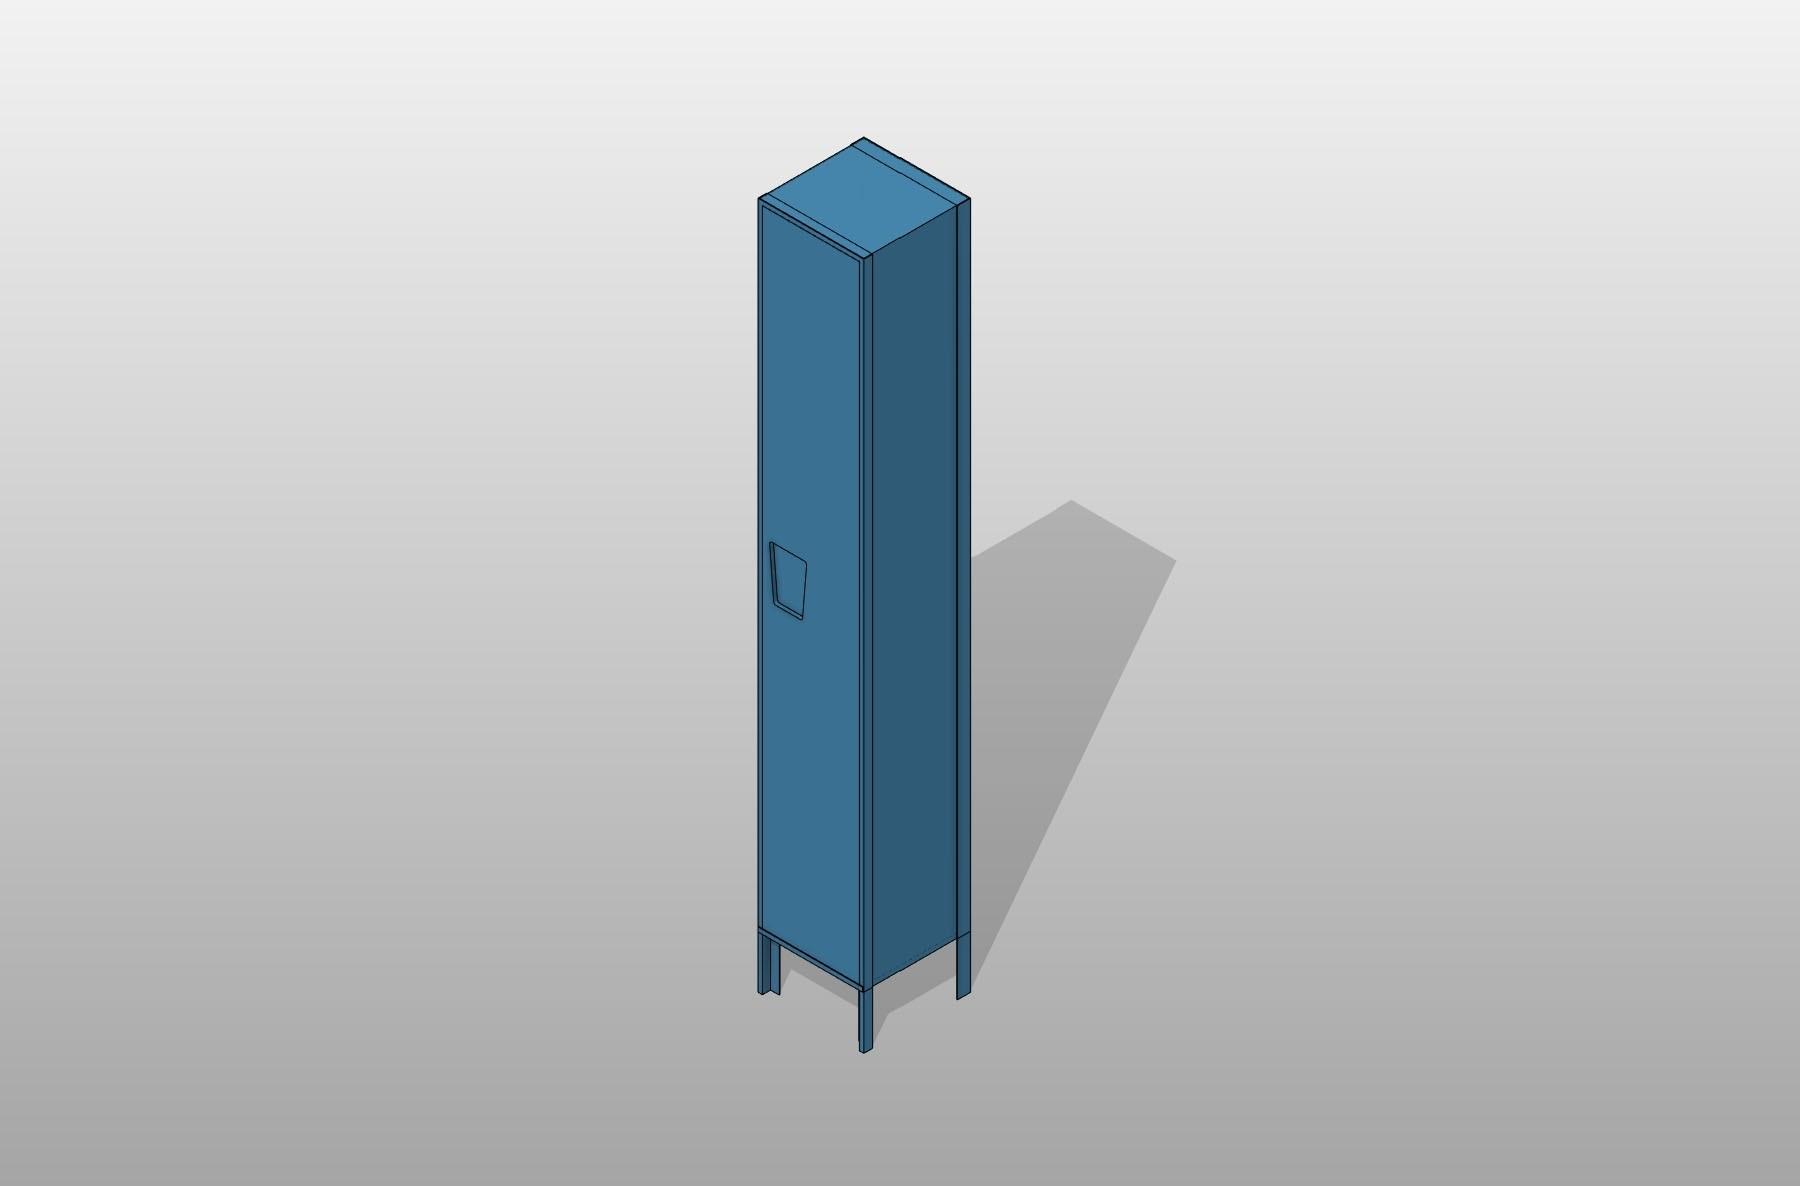 ssg-locker-tiered-school-pcs-large